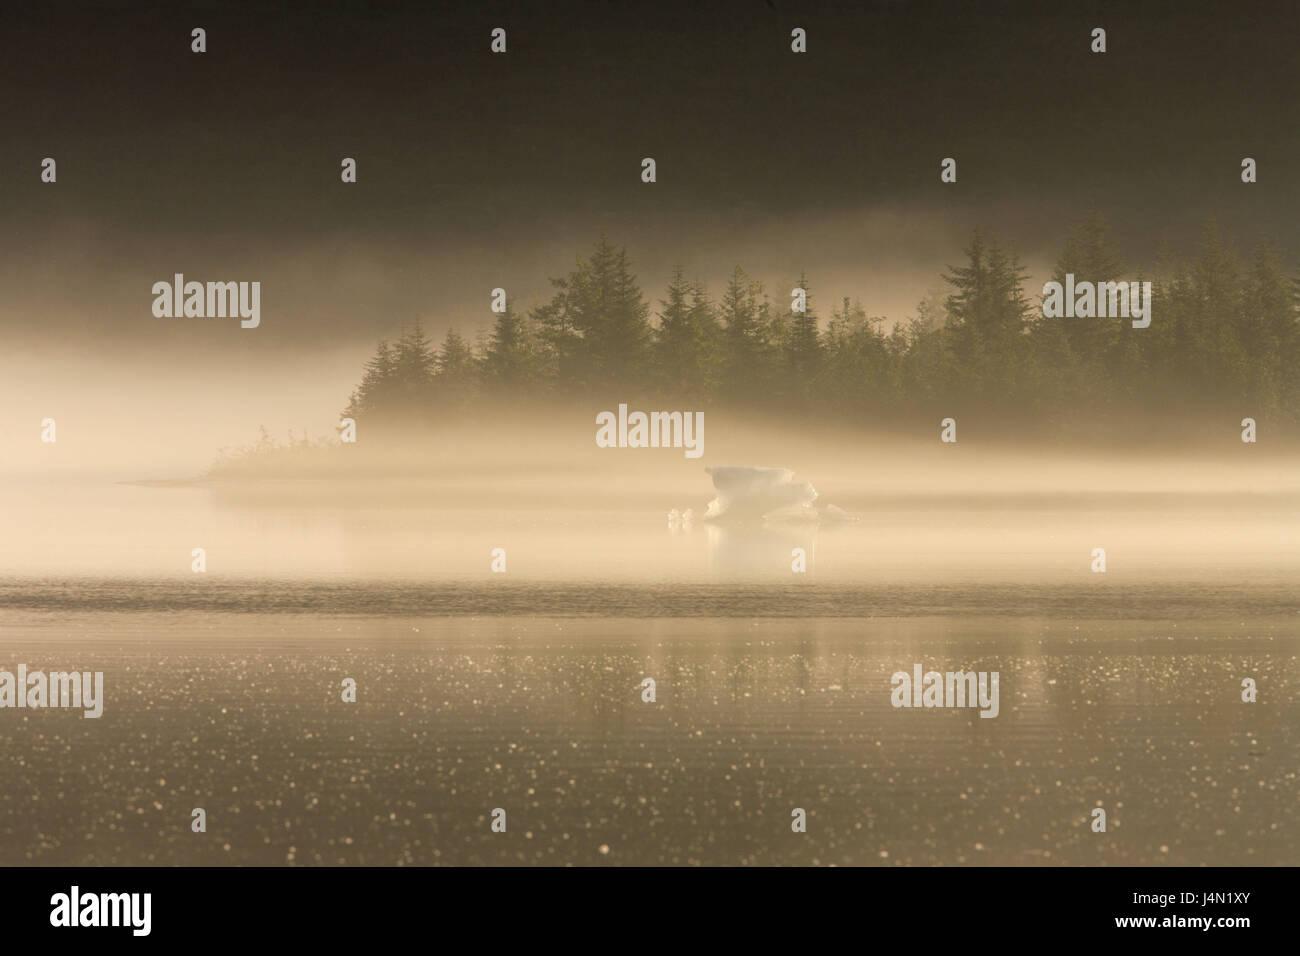 The USA, Alaska, Juneau, Mendenhall brine, iceberg, wood, fog, dusk, - Stock Image